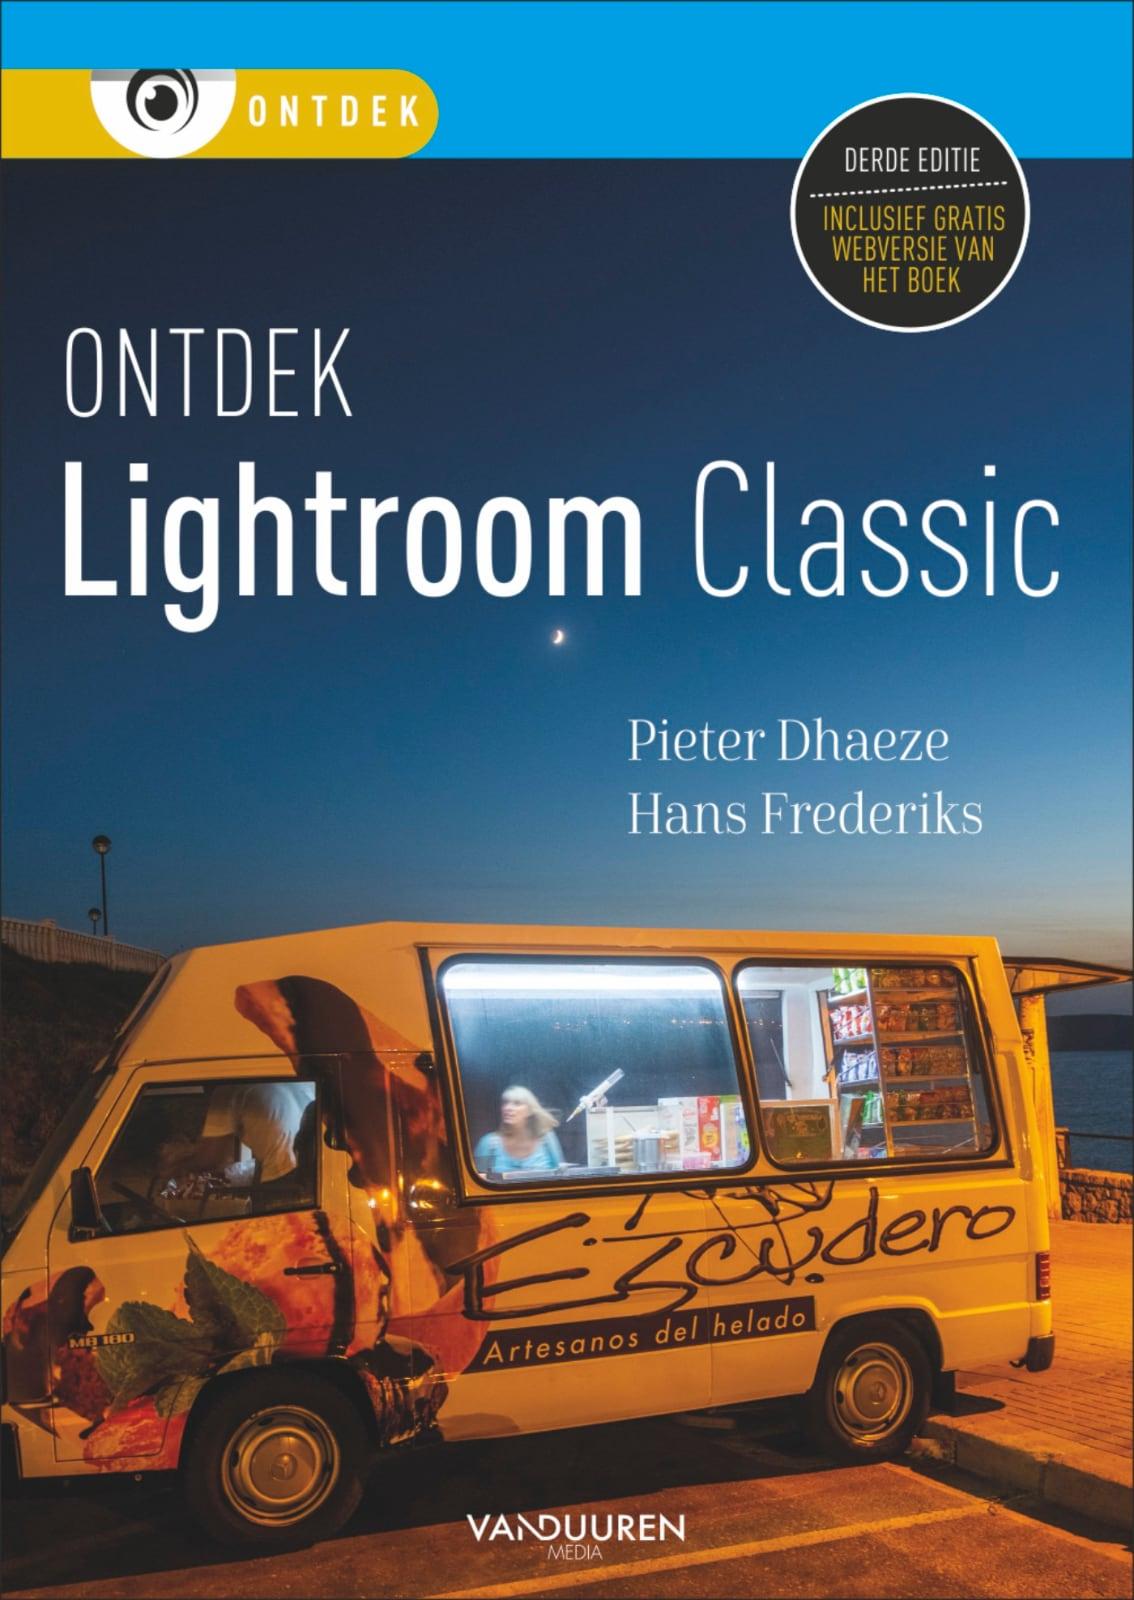 Fotoboek: Ontdek Lightroom Classic, 3e editie - Pieter Dhaeze Hans Frederiks, isbn 9789463561990